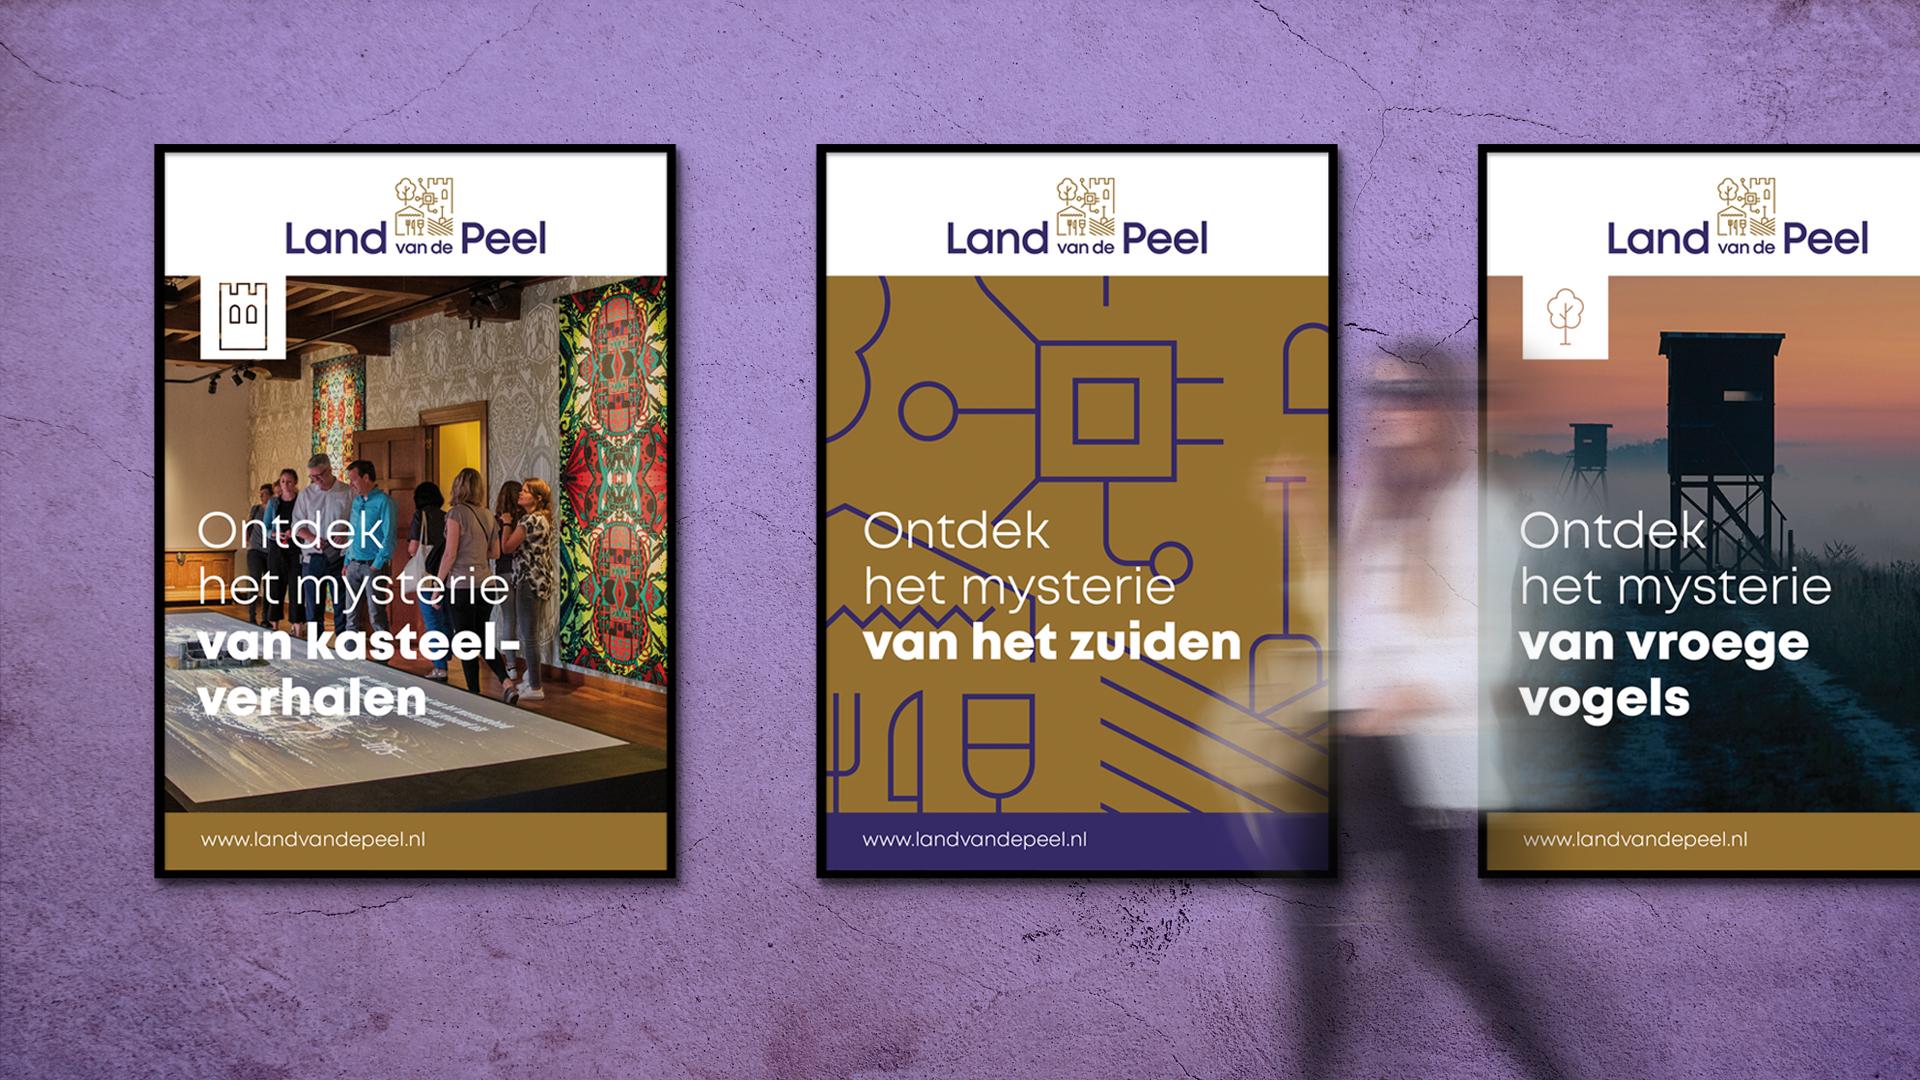 Spiegel crossmedia communicatie - Land van de Peel